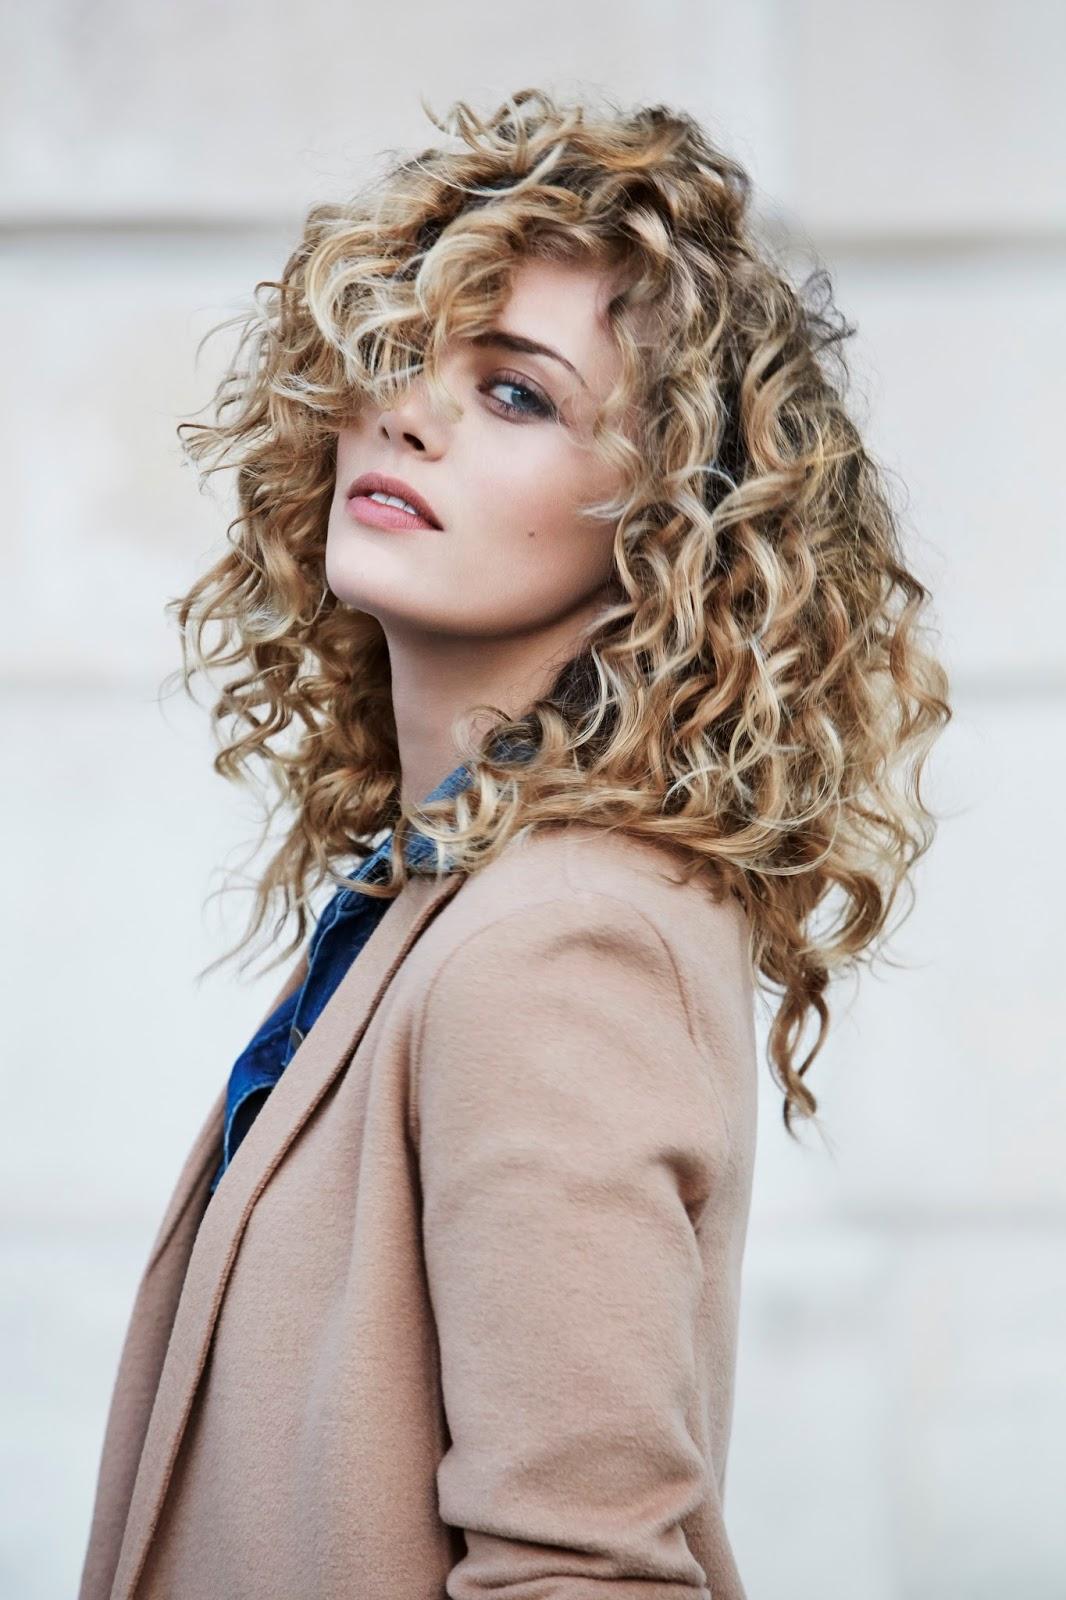 Taglio capelli lunghi foto 16